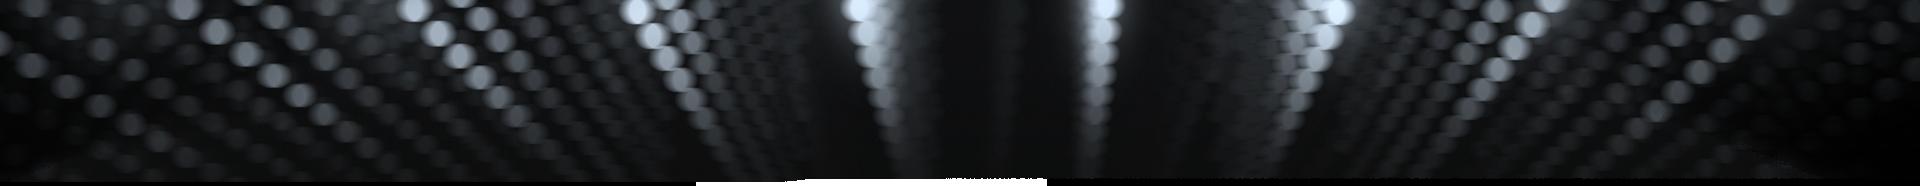 intro-banner-opn-s-lights_v5